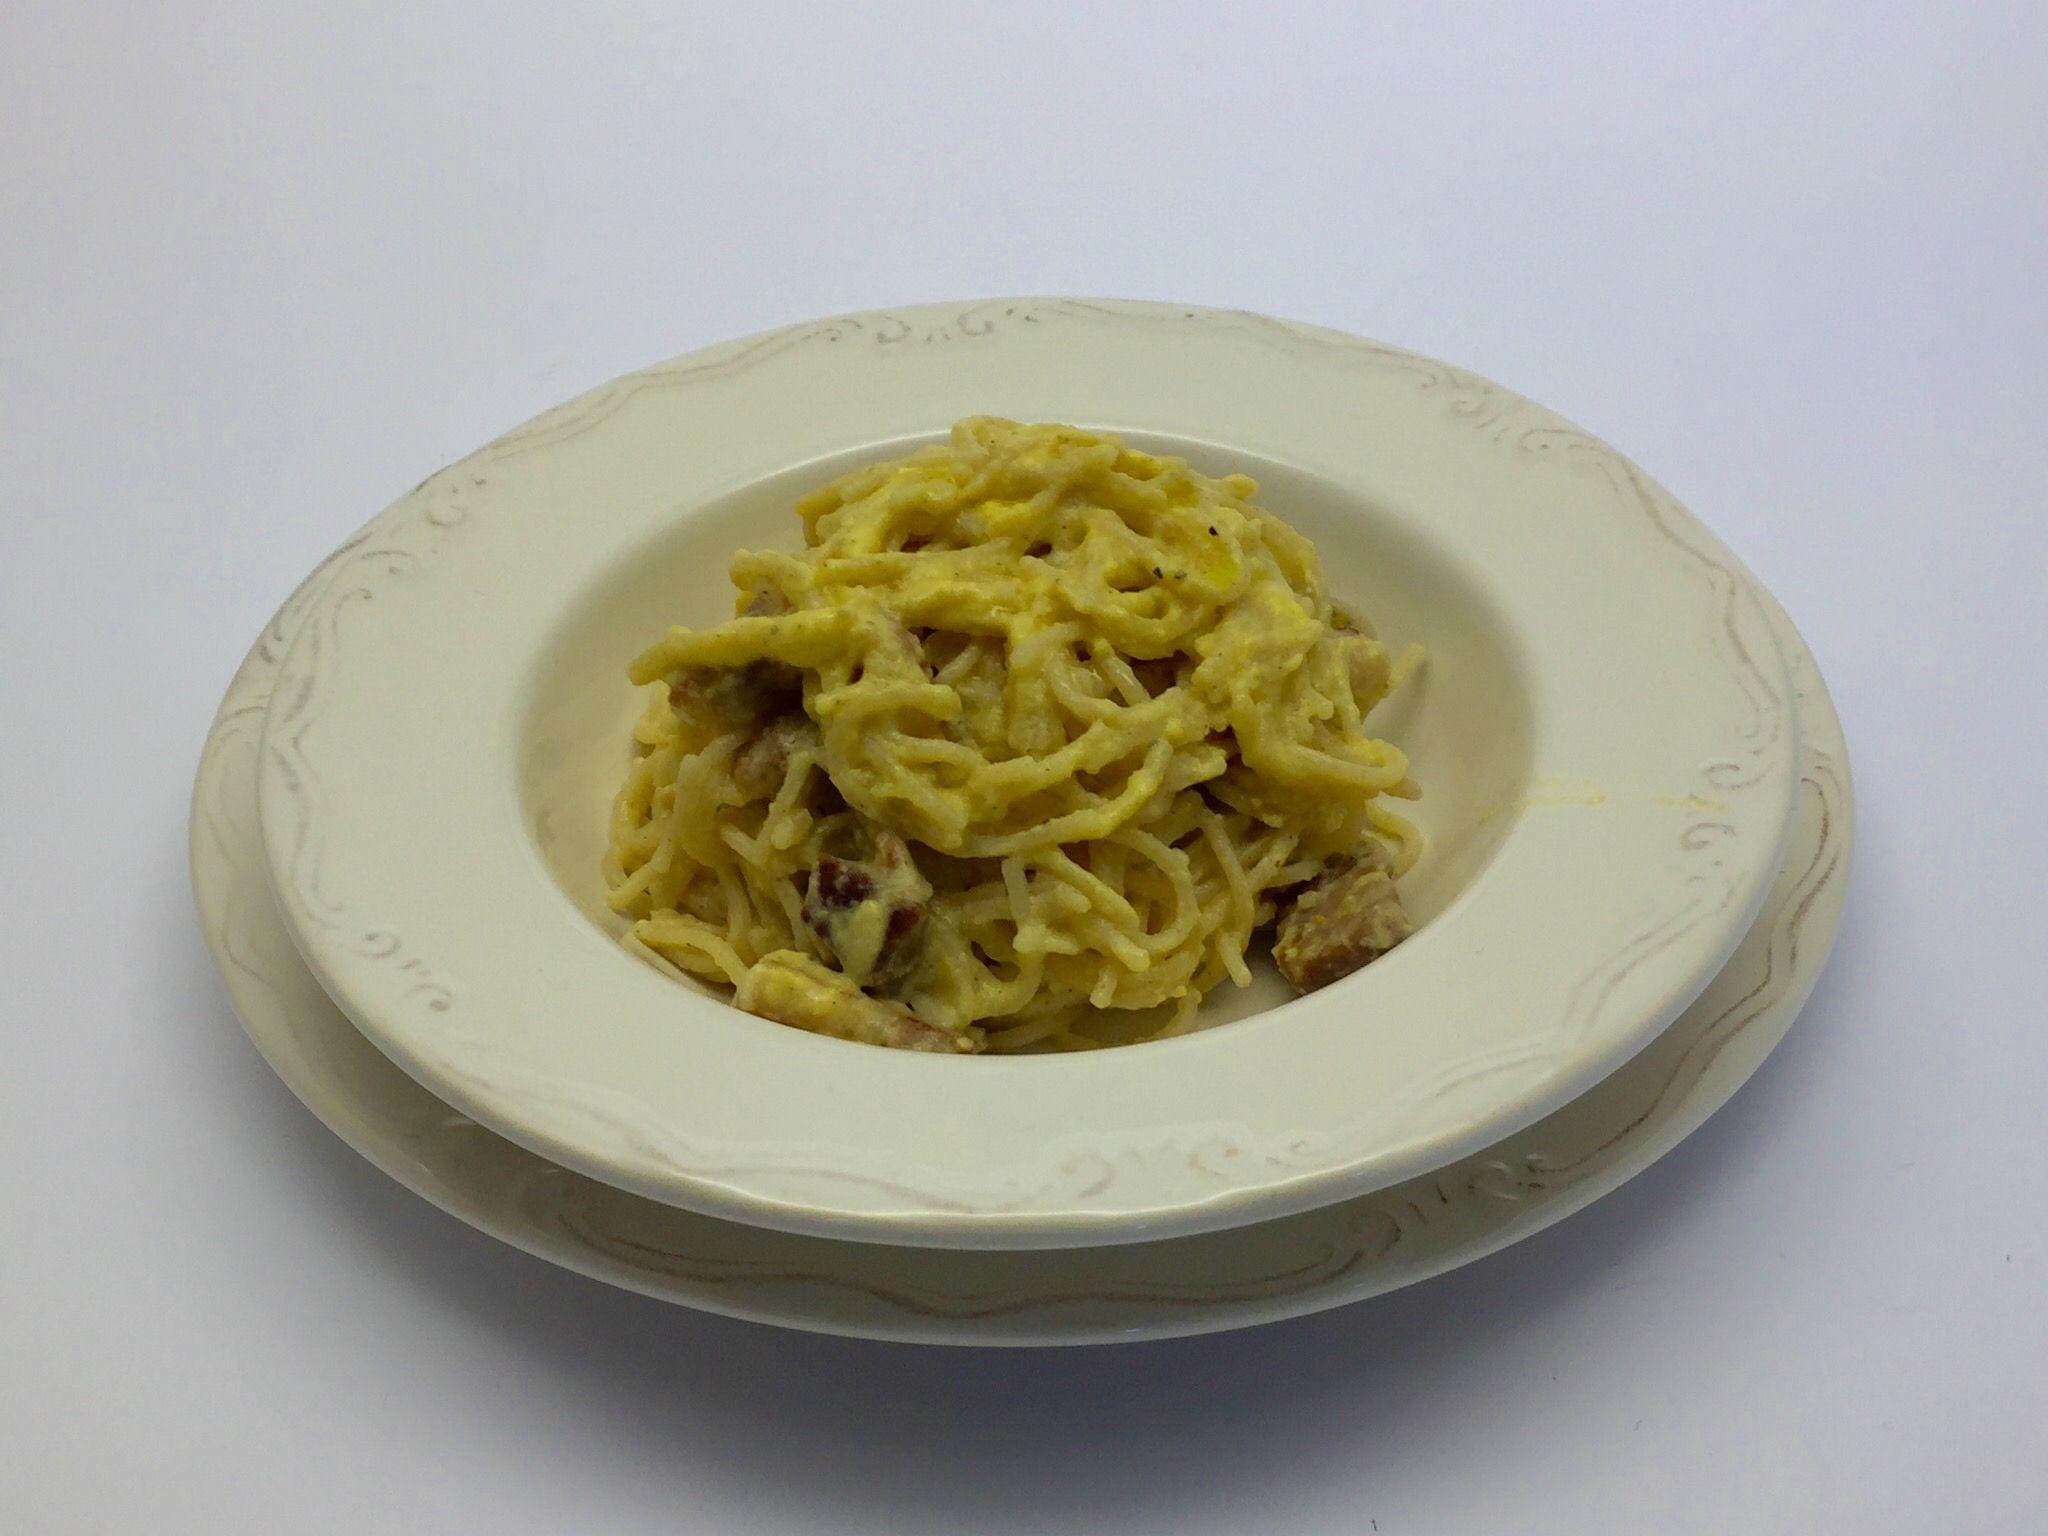 """""""La ricetta degli spaghetti alla carbonara è una delle più note ricette di pasta della cucina romana. Si tratta di un piatto povero, dalle origini controverse, la cui versione originale preve…"""